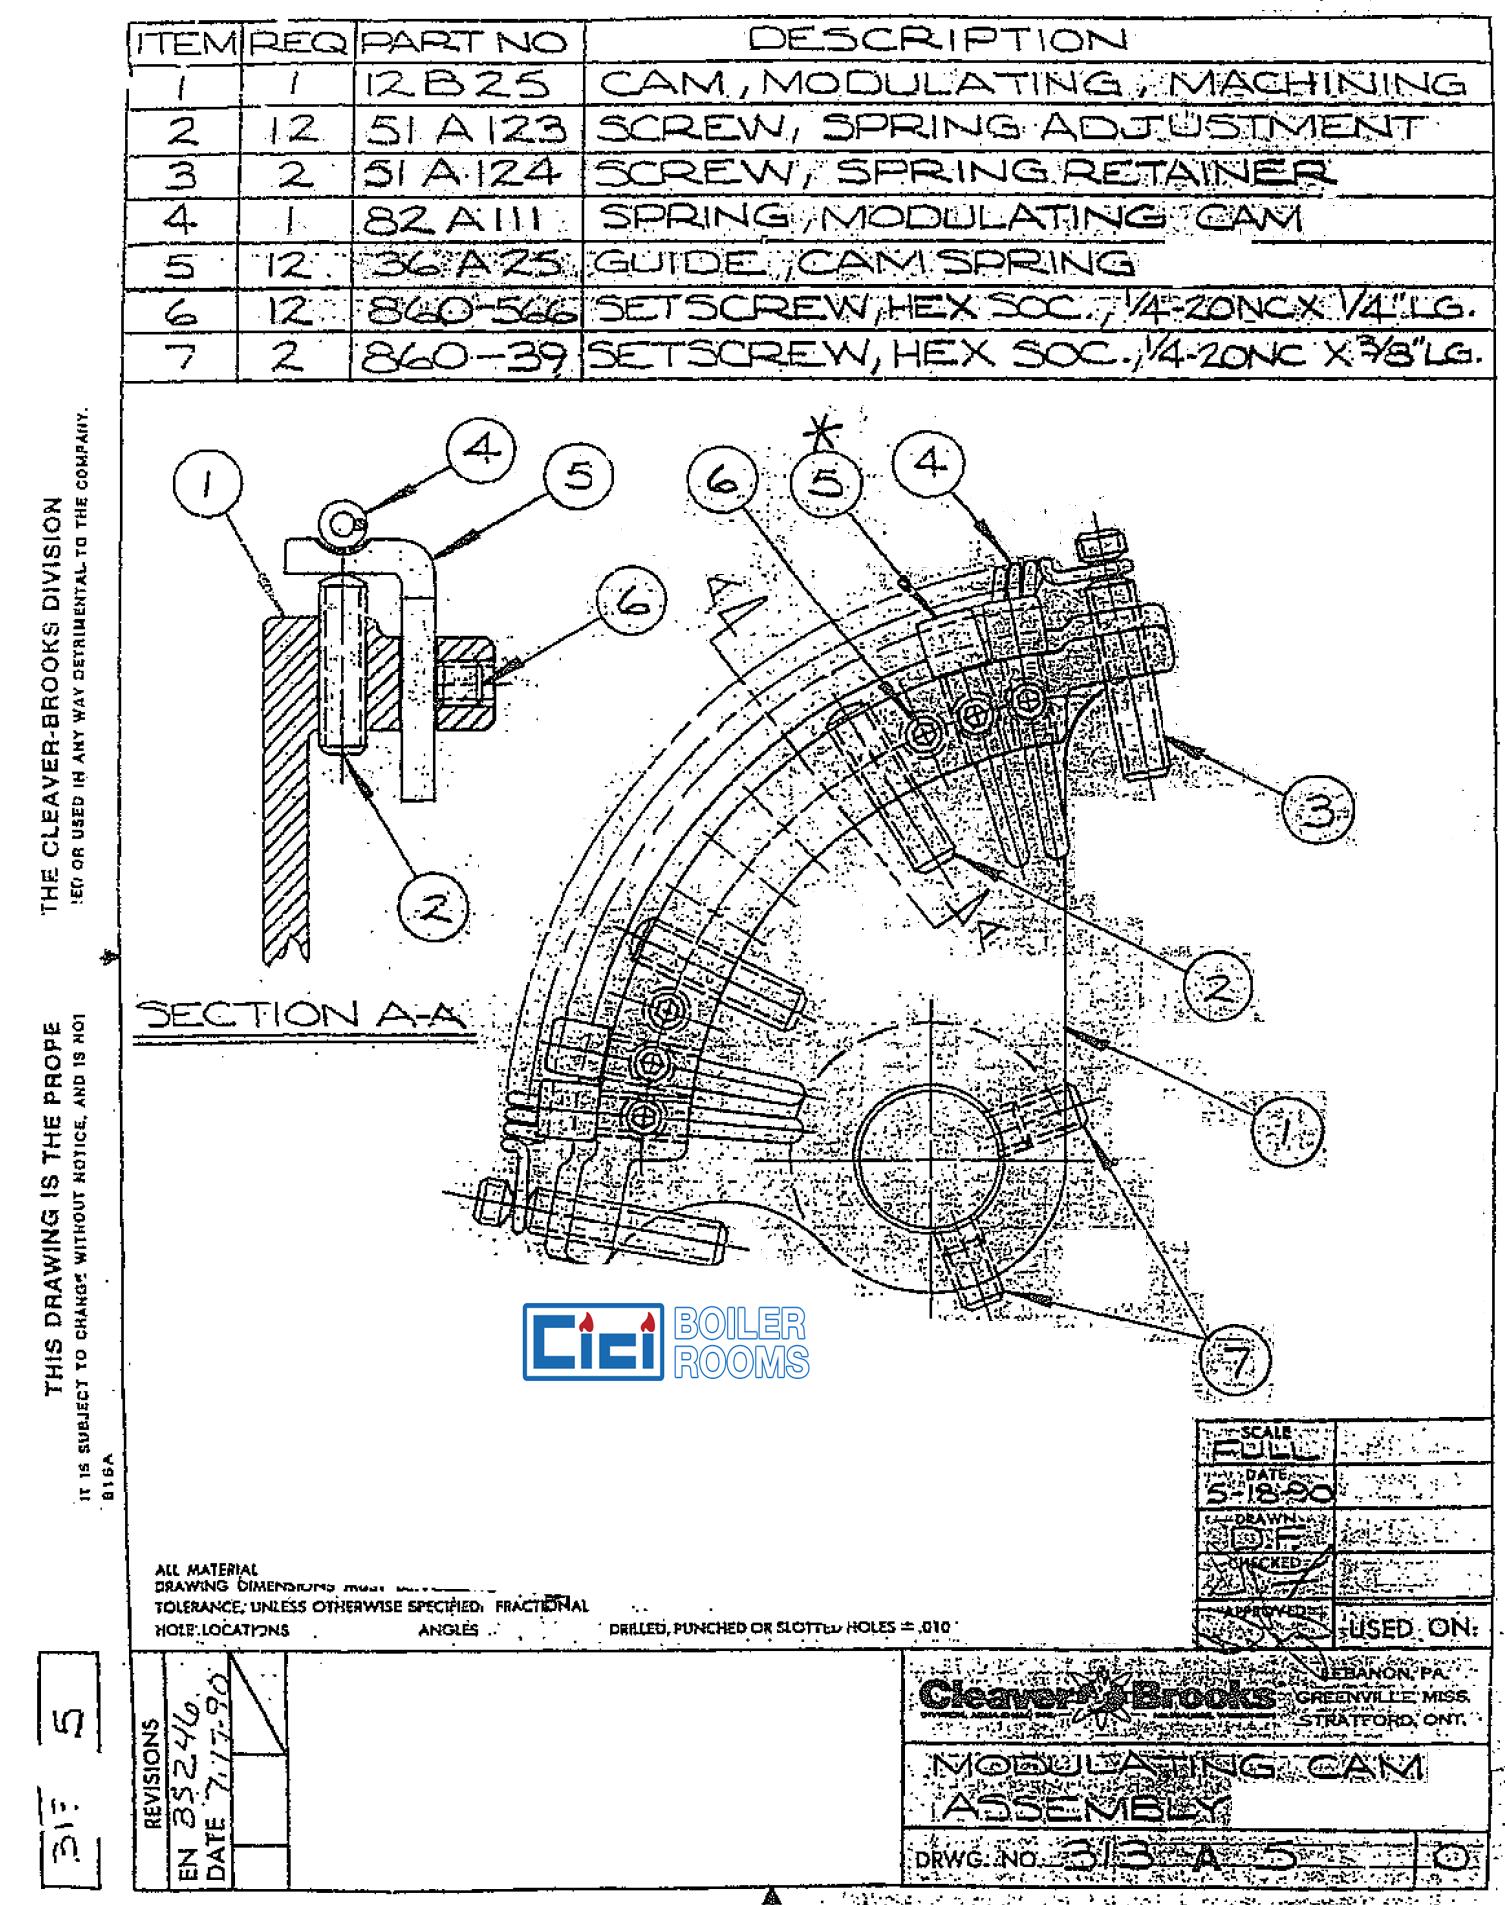 Steam Boiler Low Water Cutoff Wiring Diagram